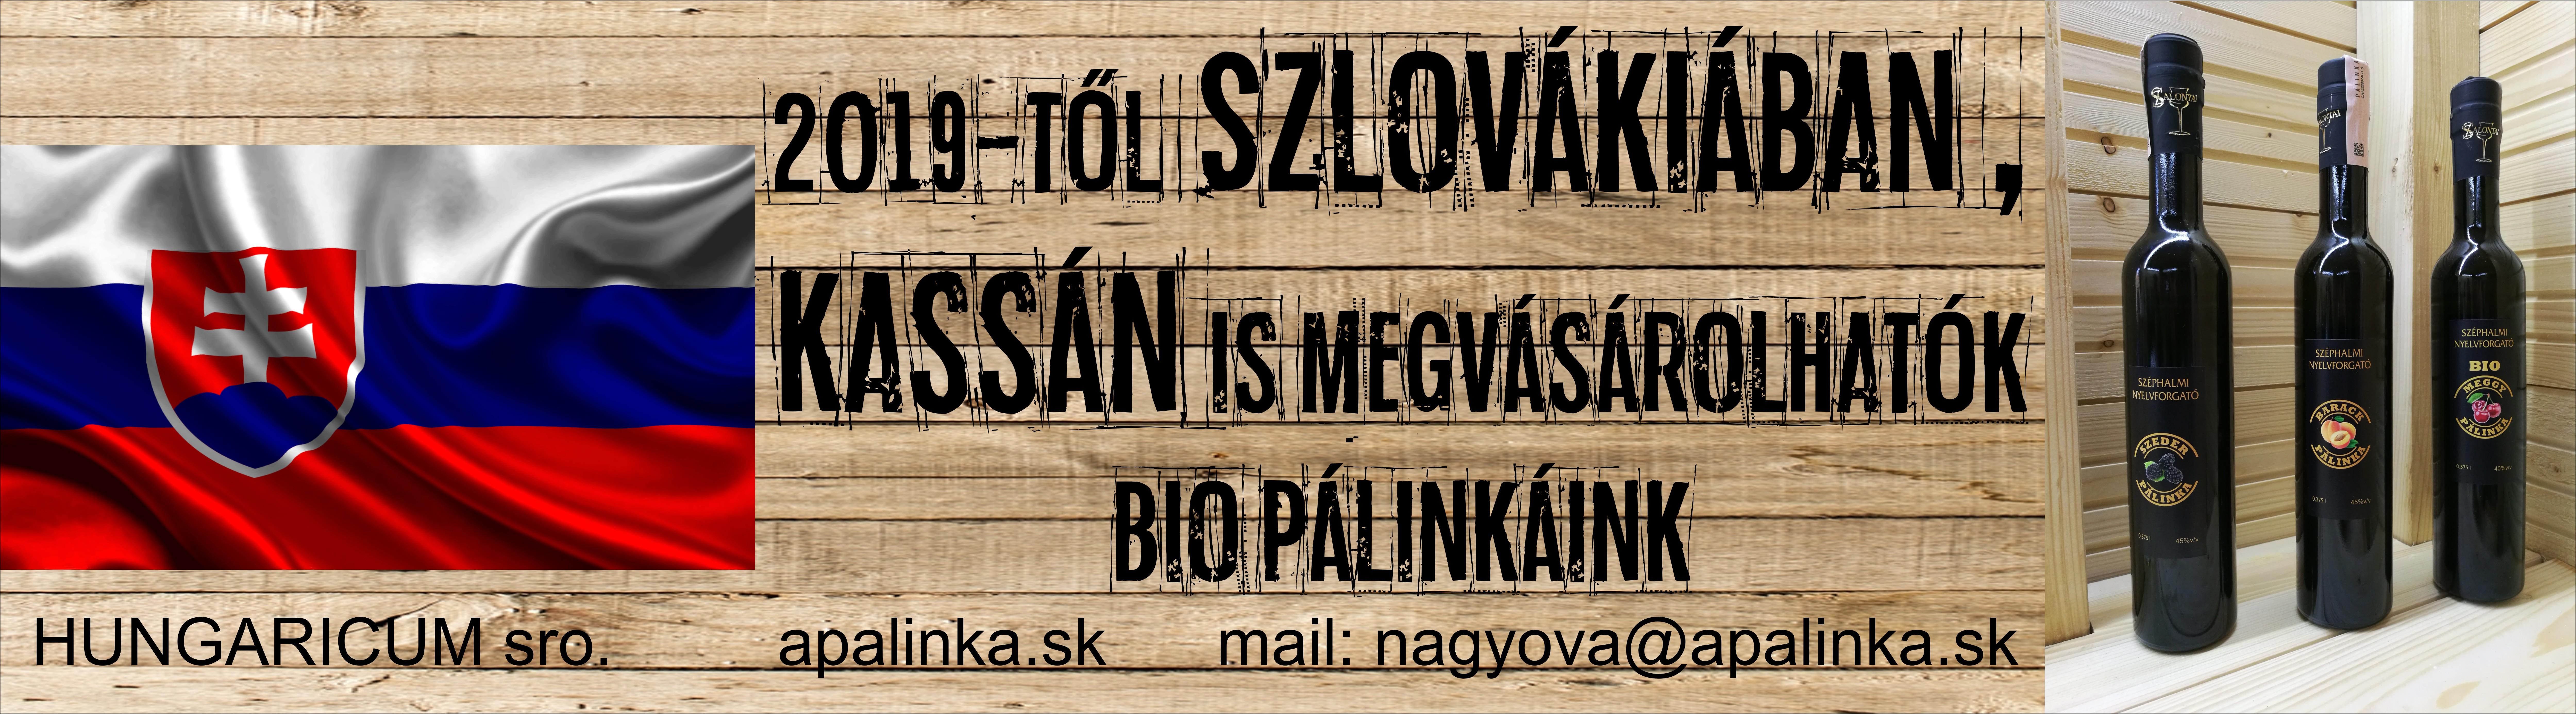 http://apalinka.hu/wp-content/uploads/2019/01/slovák.jpg